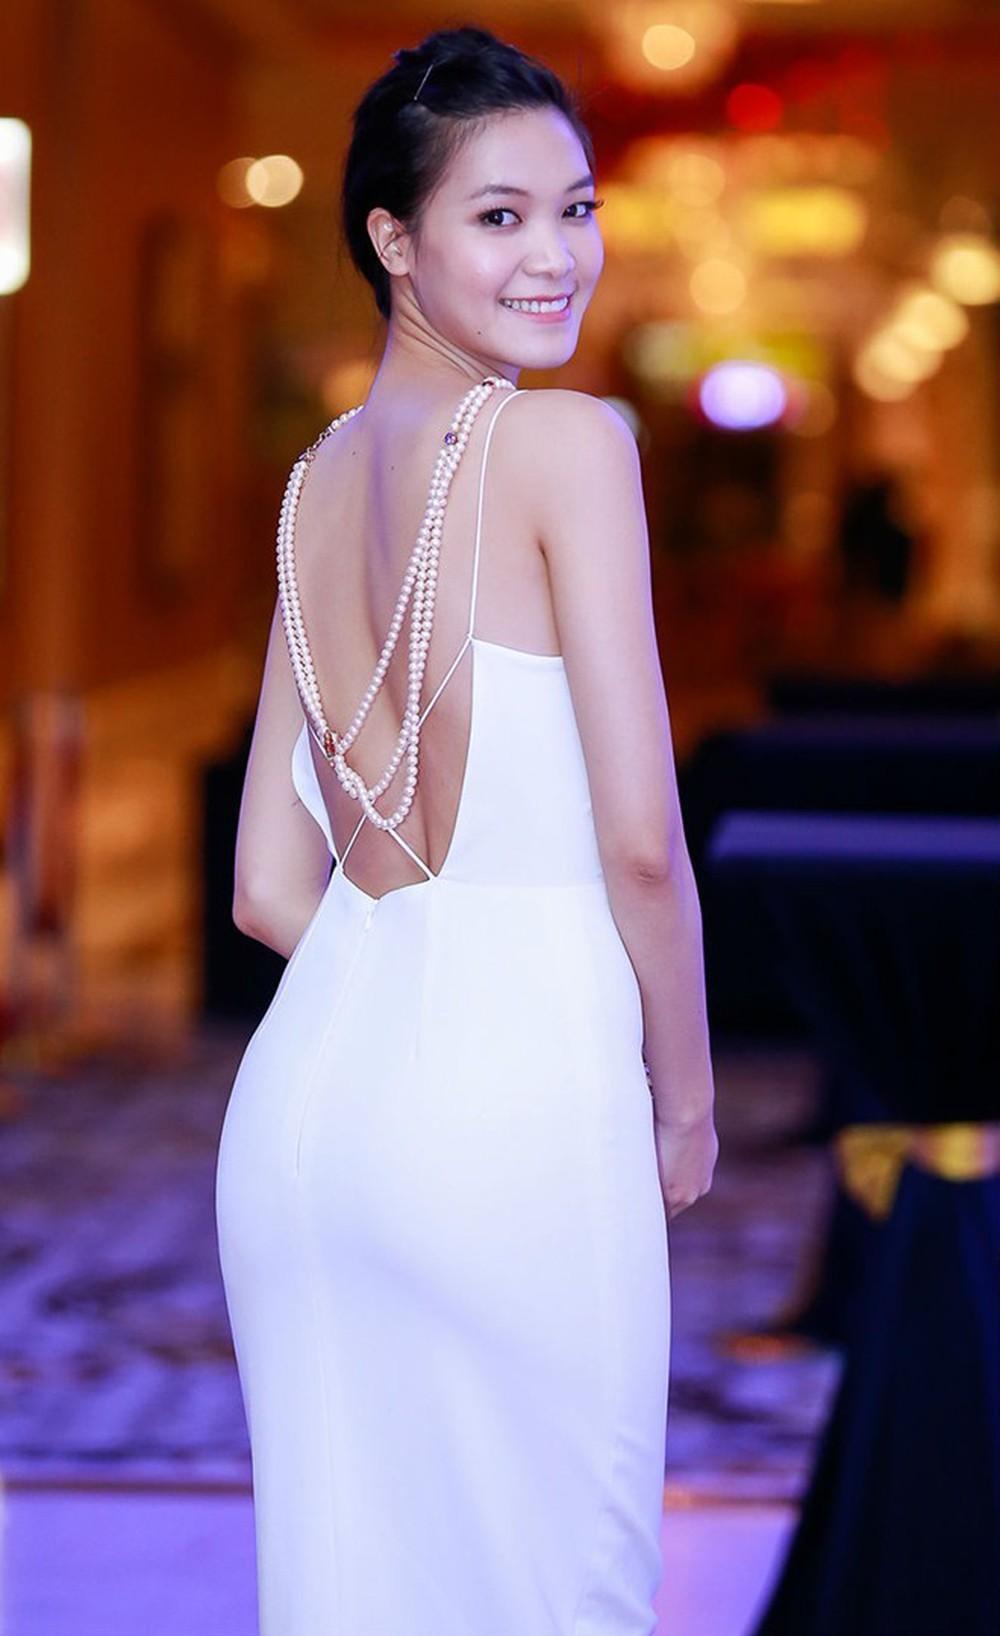 Vẻ đẹp thuần khiết của 16 cô gái thuở mới đăng quang Hoa hậu Việt Nam: Chờ đợi nhan sắc kế nhiệm Tiểu Vy Ảnh 13